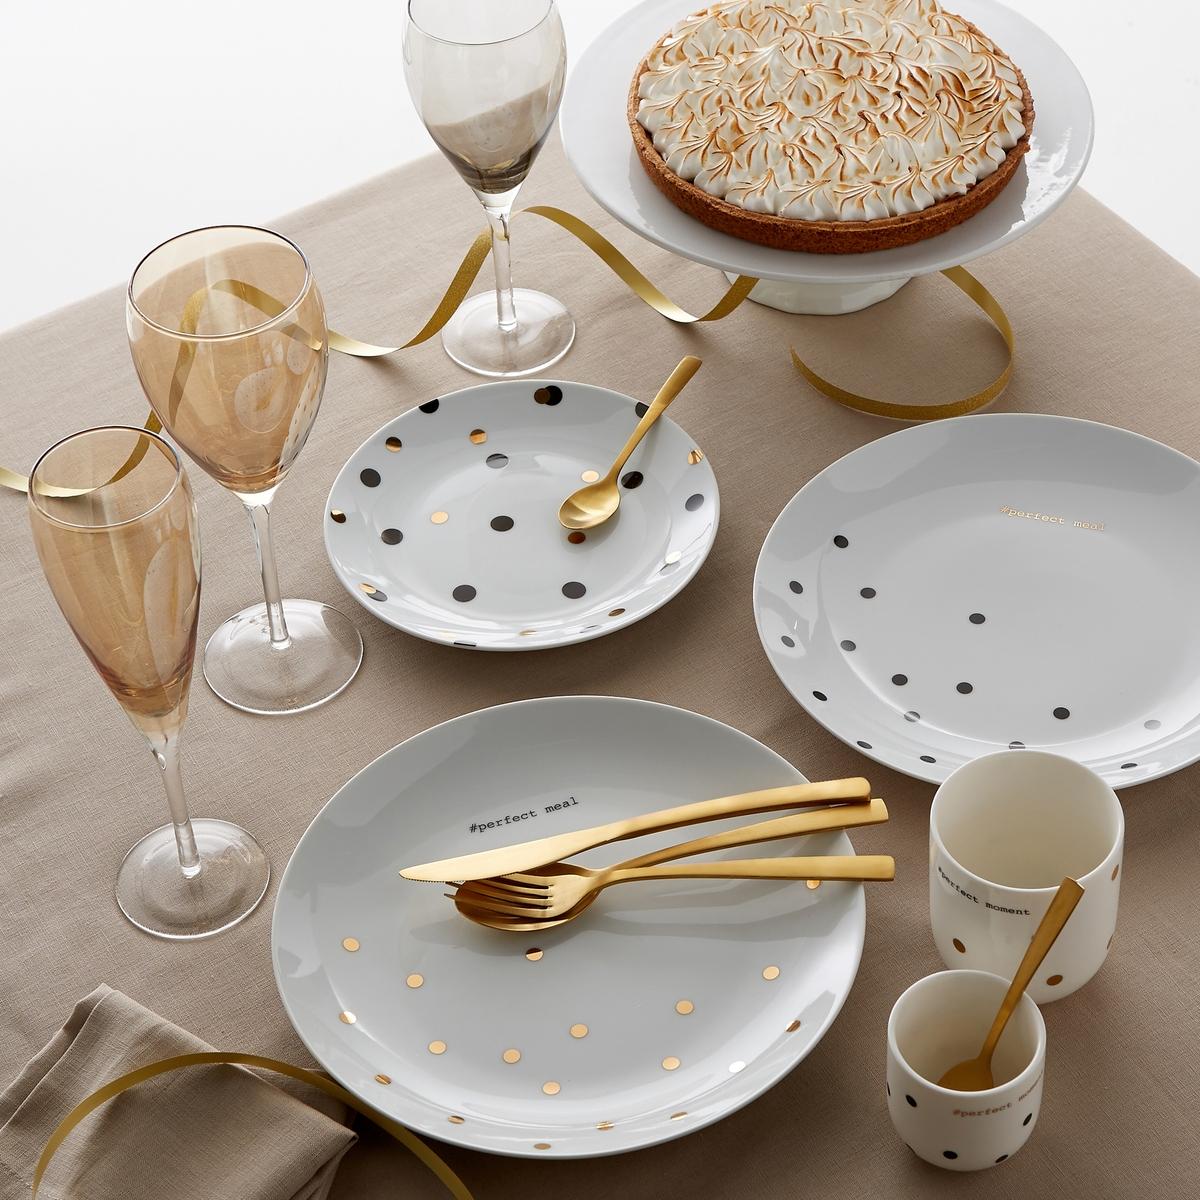 Комплект из 4 десертных тарелок из фарфора Kubler4 десертные тарелки с рисунком в черный и золотистый горошек Kubler . Оригинальный принт в черный и золотистый горошек разного диаметра  . Характеристики 4 десертных тарелок Kubler :- Десертные тарелки из фарфора- Диаметр : 20,3 см   - Продаются в комплекте из 4 штук в подарочном сундучке Всю коллекцию посуды Kubler вы можете найти на сайте laredoute.ru<br><br>Цвет: в горошек черный/фон белый